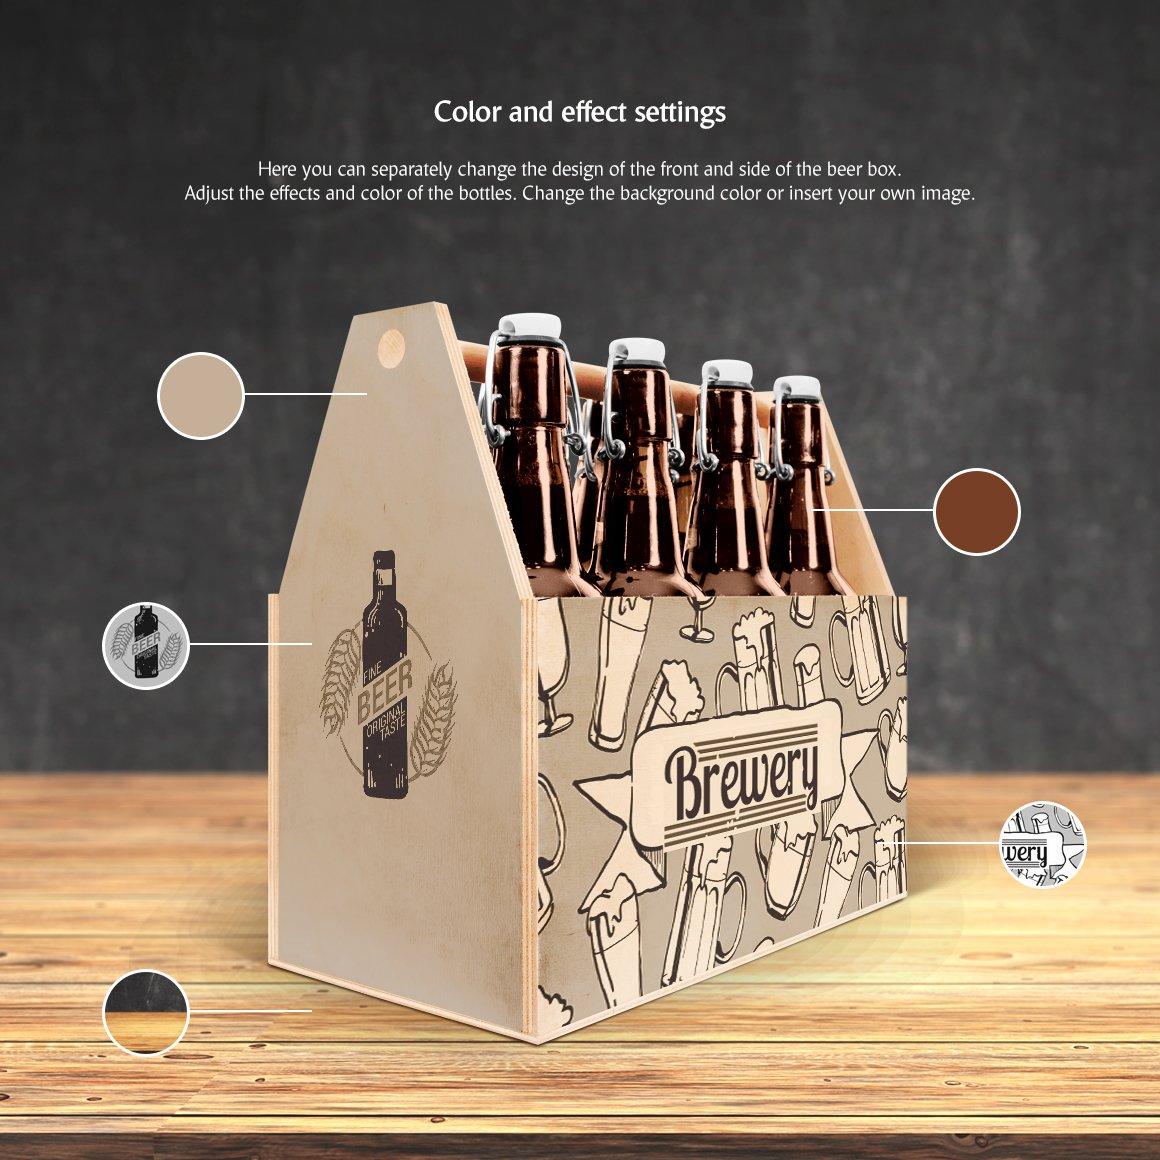 工艺啤酒包装盒设计展示样机模板 Craft Beer Box Mockup插图(2)